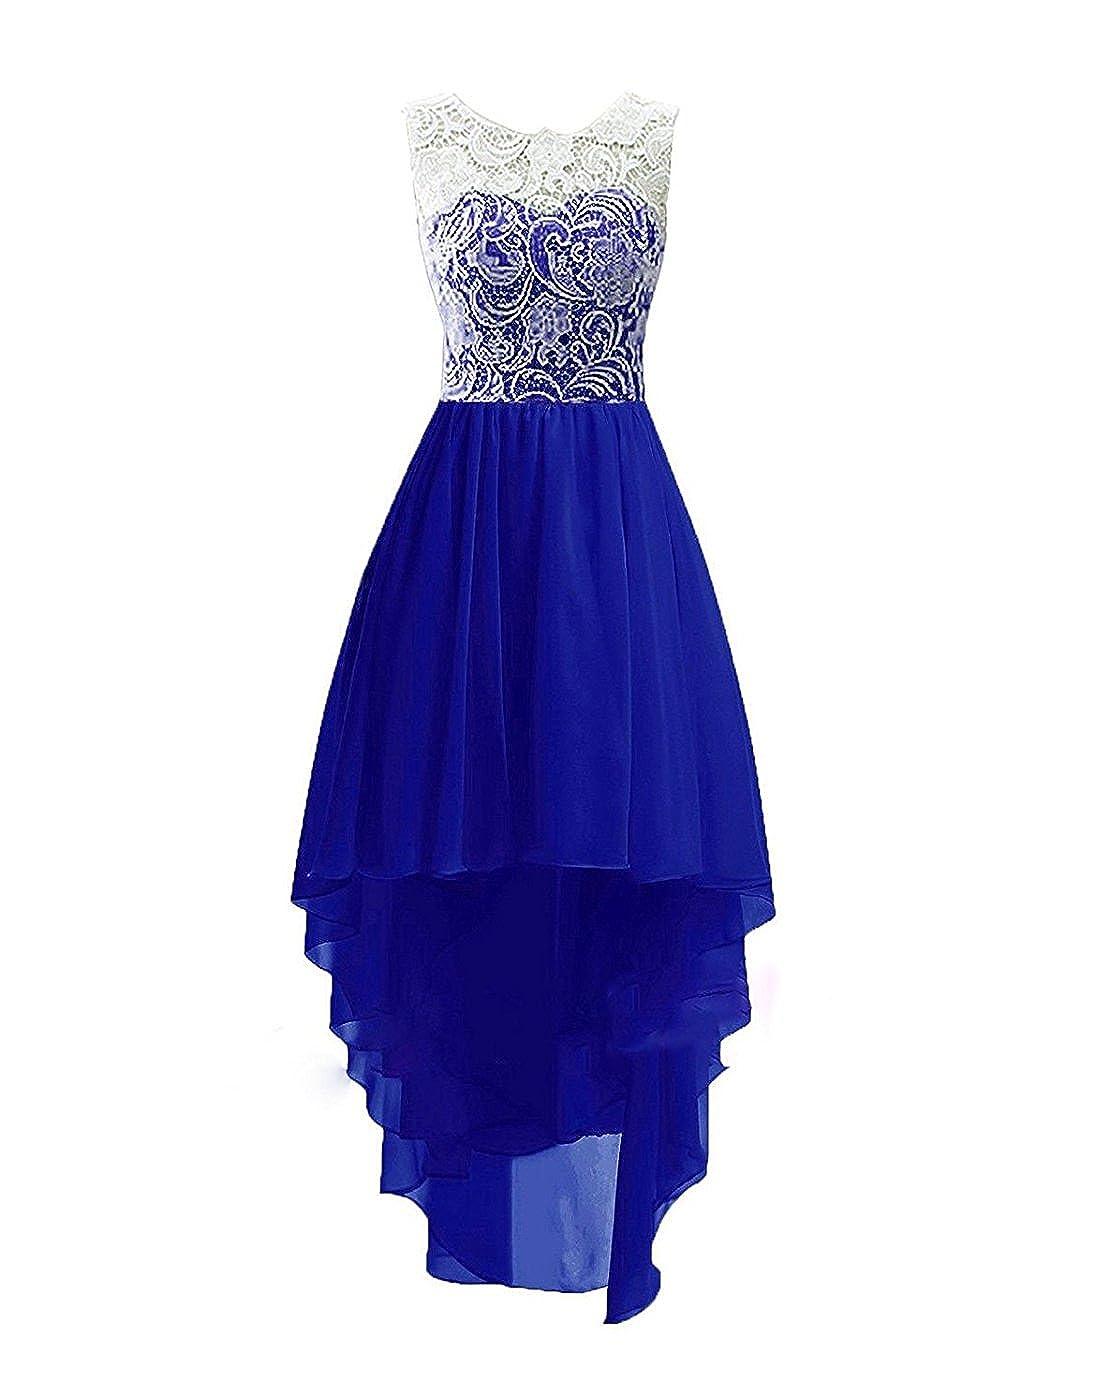 Bleu Roi 5 ans ISHSY Robe de Soirée Cérémonie Mariage Fille Enfant Longue Asymétrique Dentelle Taille 2-13 Ans